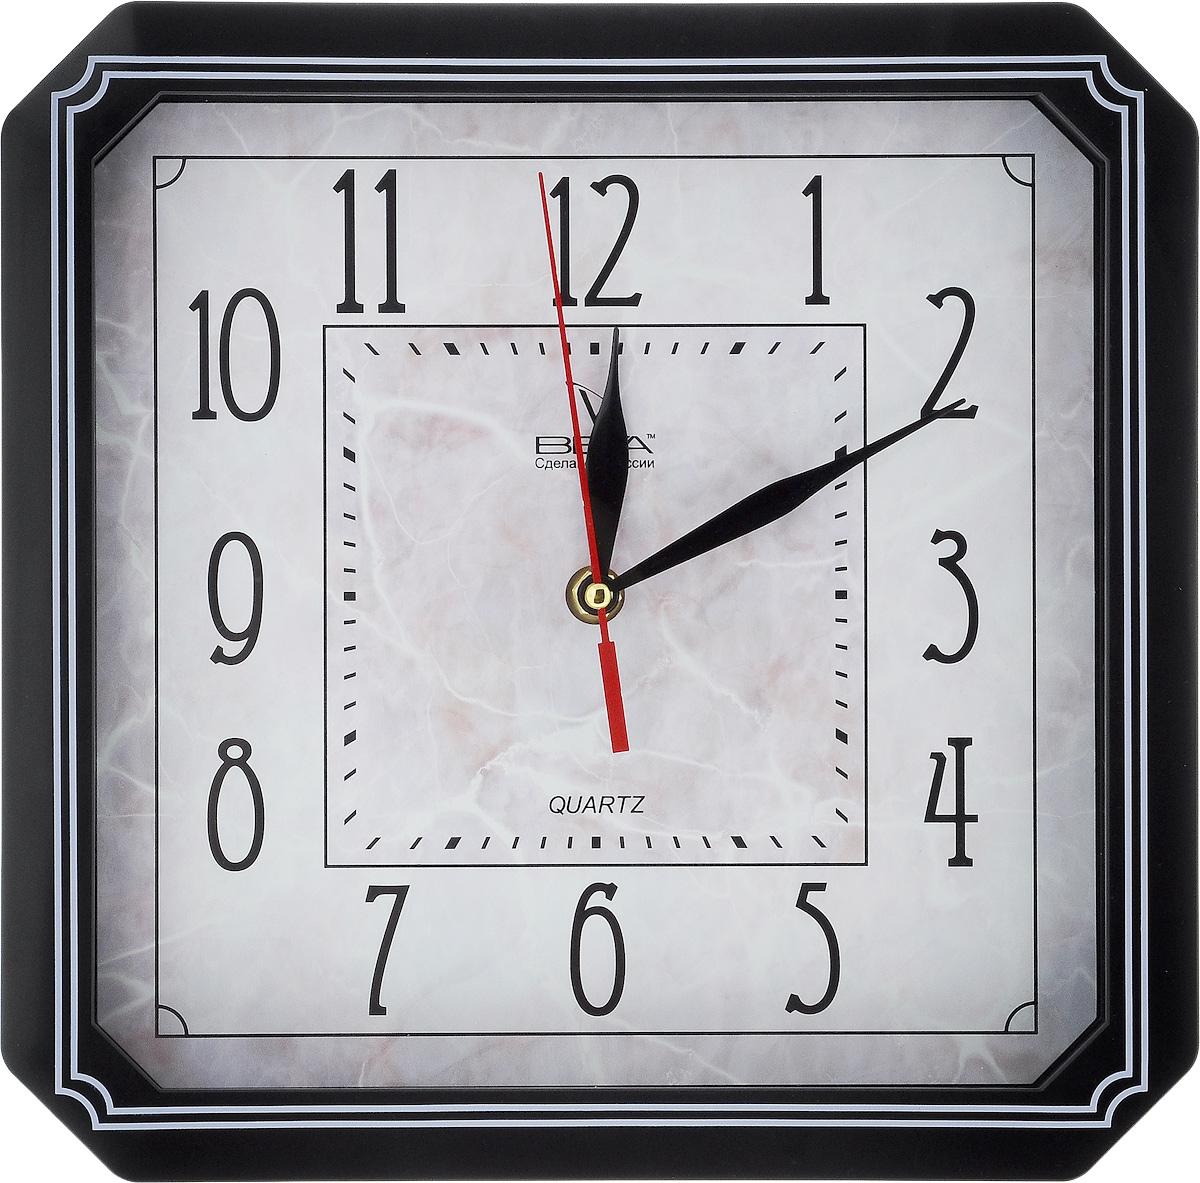 Часы настенные Вега Классика, 27,8 х 27,8 см. П4-61321П4-61321/6-24Настенные кварцевые часы Вега Классика,изготовленные из пластика, прекрасно впишутся винтерьер вашего дома. Часы имеют три стрелки: часовую,минутную и секундную, циферблат защищен прозрачнымстеклом.Часы работают от 1 батарейки типа АА напряжением 1,5 В(не входит в комплект). Прилагается инструкция по эксплуатации.